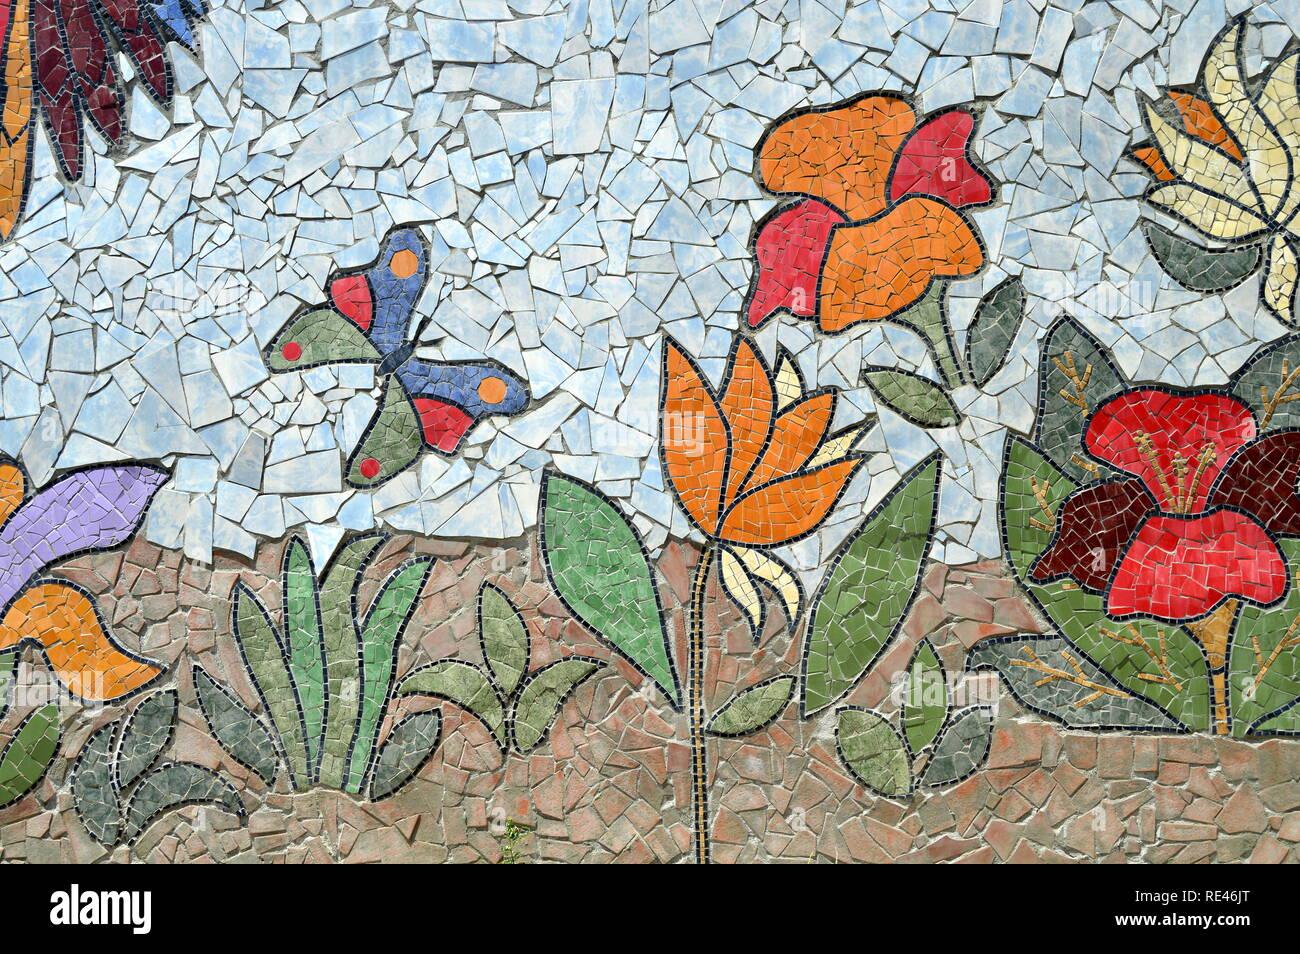 Butterflies Mosaic Imágenes De Stock Butterflies Mosaic Fotos De